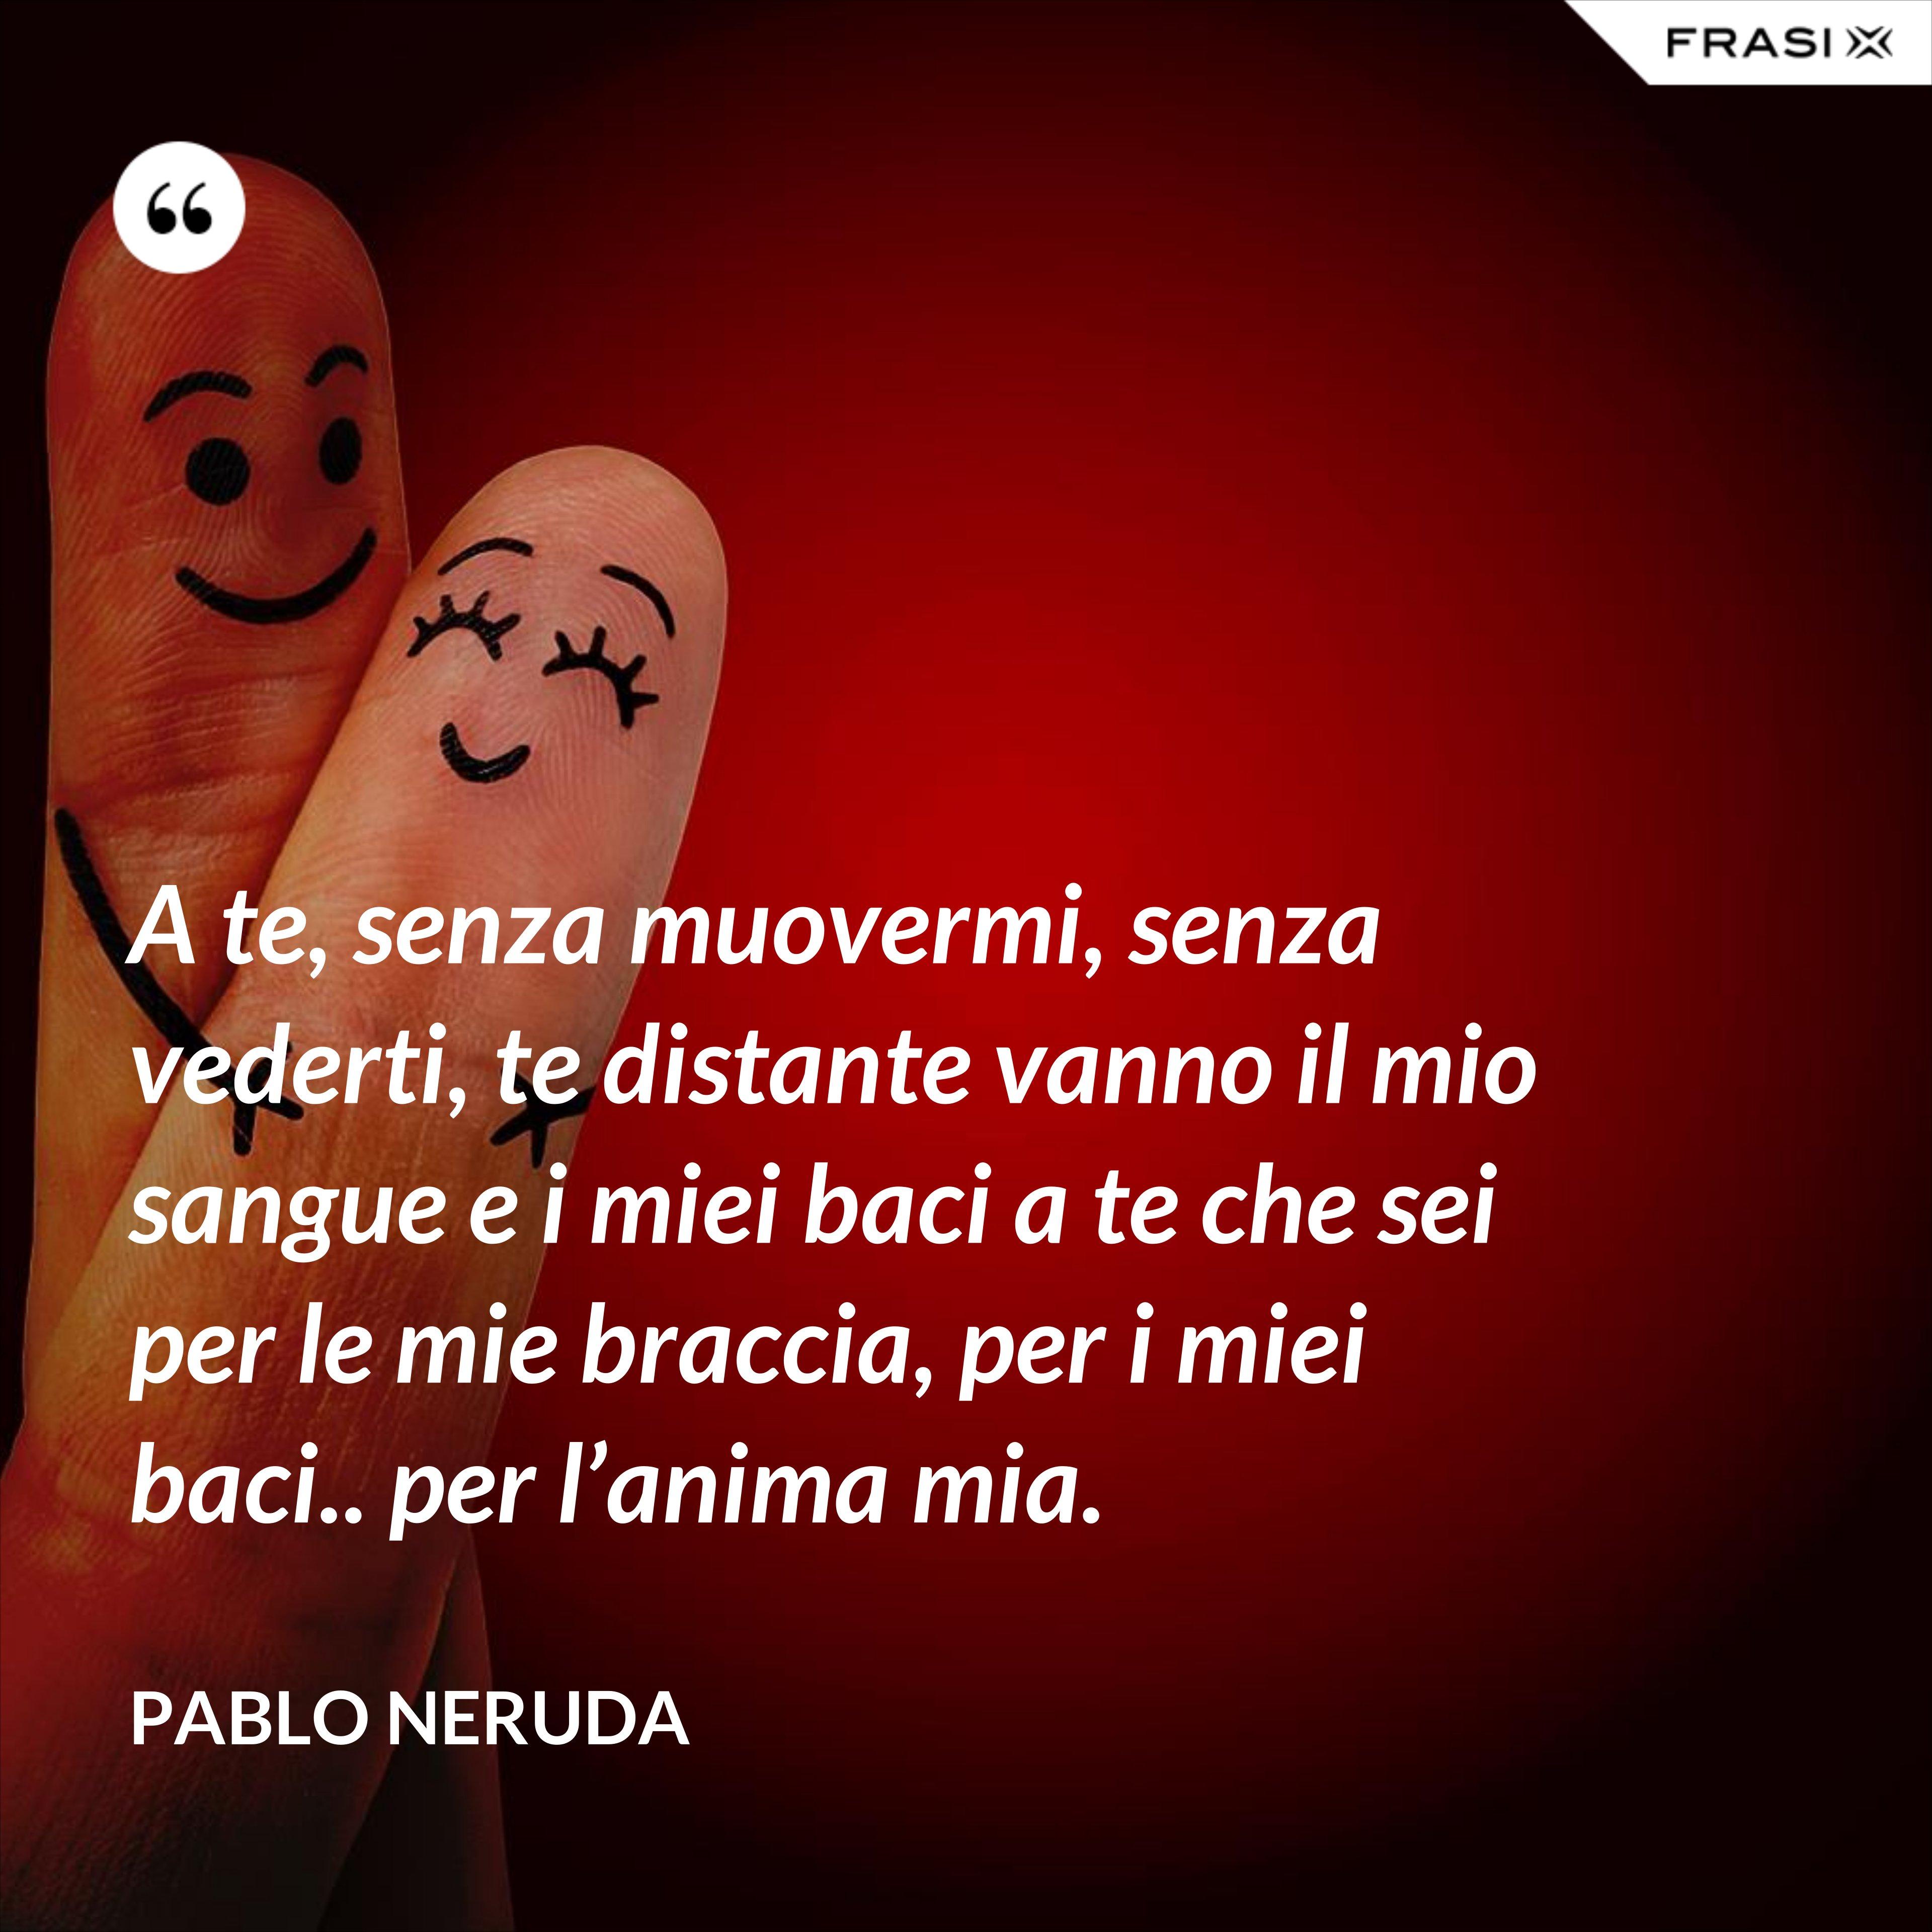 A te, senza muovermi, senza vederti, te distante vanno il mio sangue e i miei baci a te che sei per le mie braccia, per i miei baci.. per l'anima mia. - Pablo Neruda